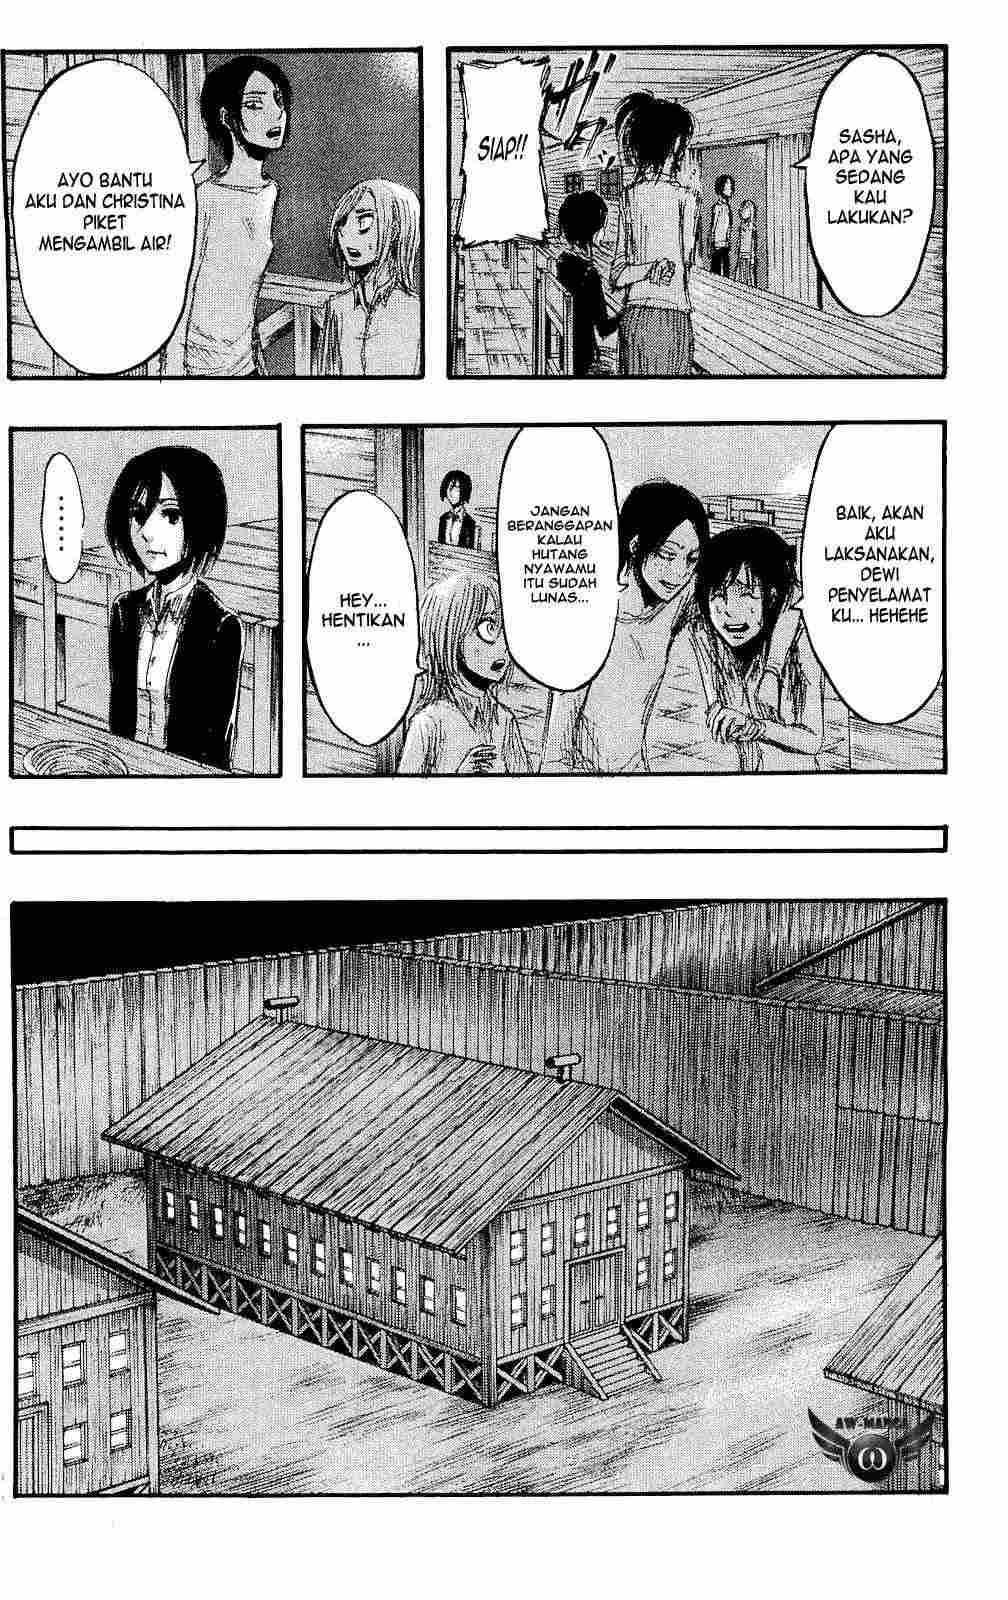 Komik shingeki no kyojin 016 - kebutuhan 17 Indonesia shingeki no kyojin 016 - kebutuhan Terbaru 12|Baca Manga Komik Indonesia|